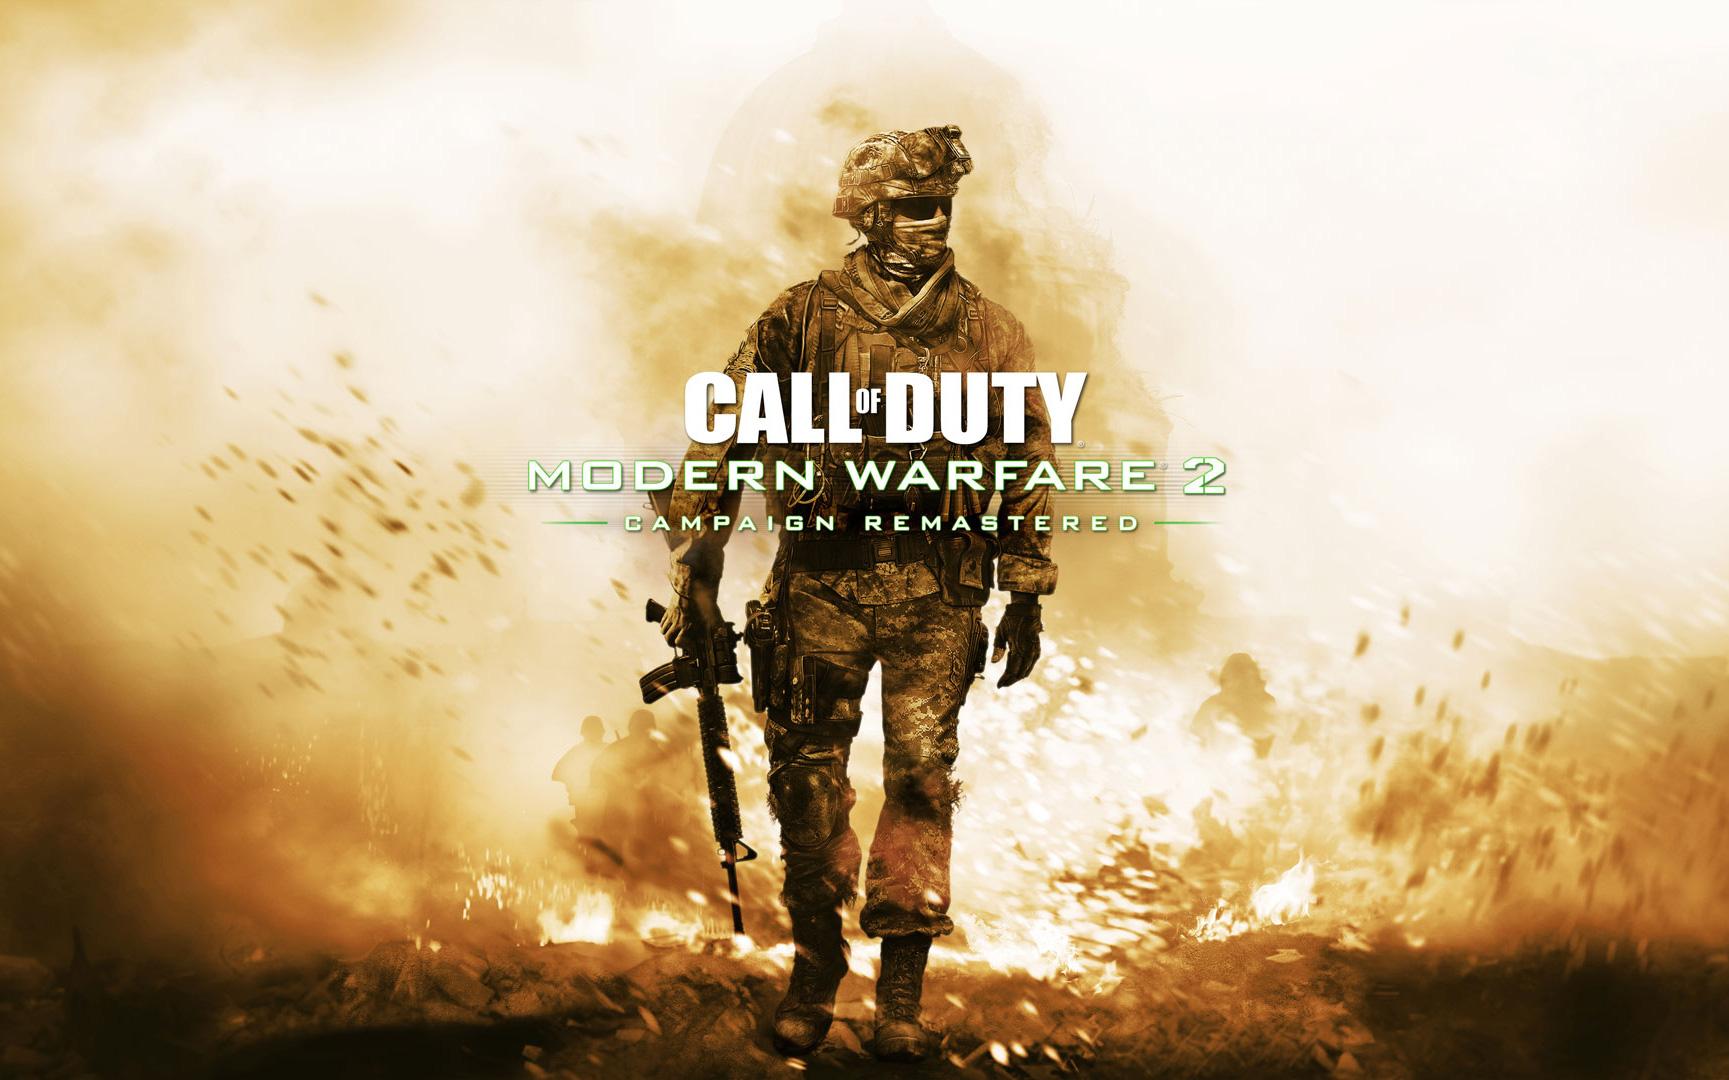 Call of Duty: Modern Warfare 2 Remastered đã được ra mắt hôm nay cho hệ máy PS4